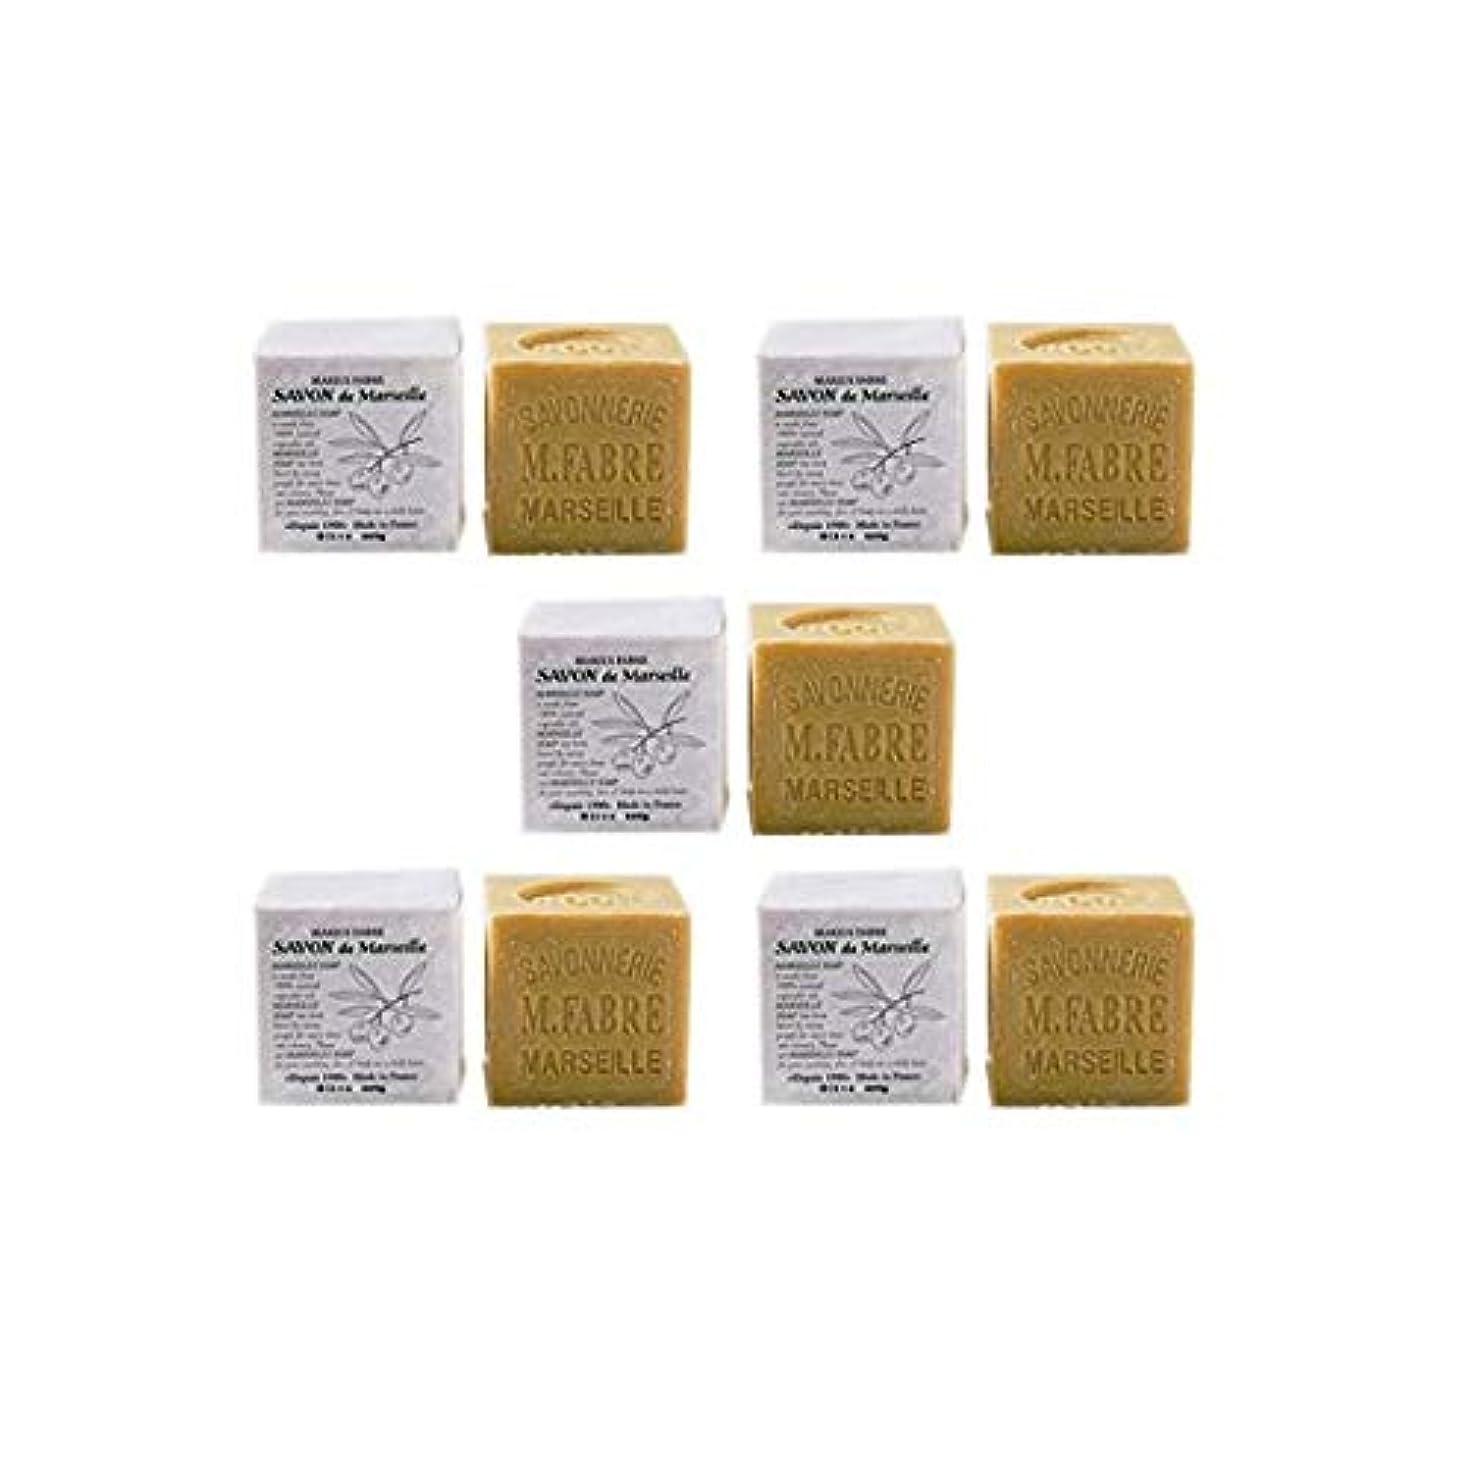 降下ゾーンコミットマリウスファーブルジューン社 サボンドマルセイユ無香料200gオリーブN 5個セット(200g×5個)無添加オリーブ石鹸